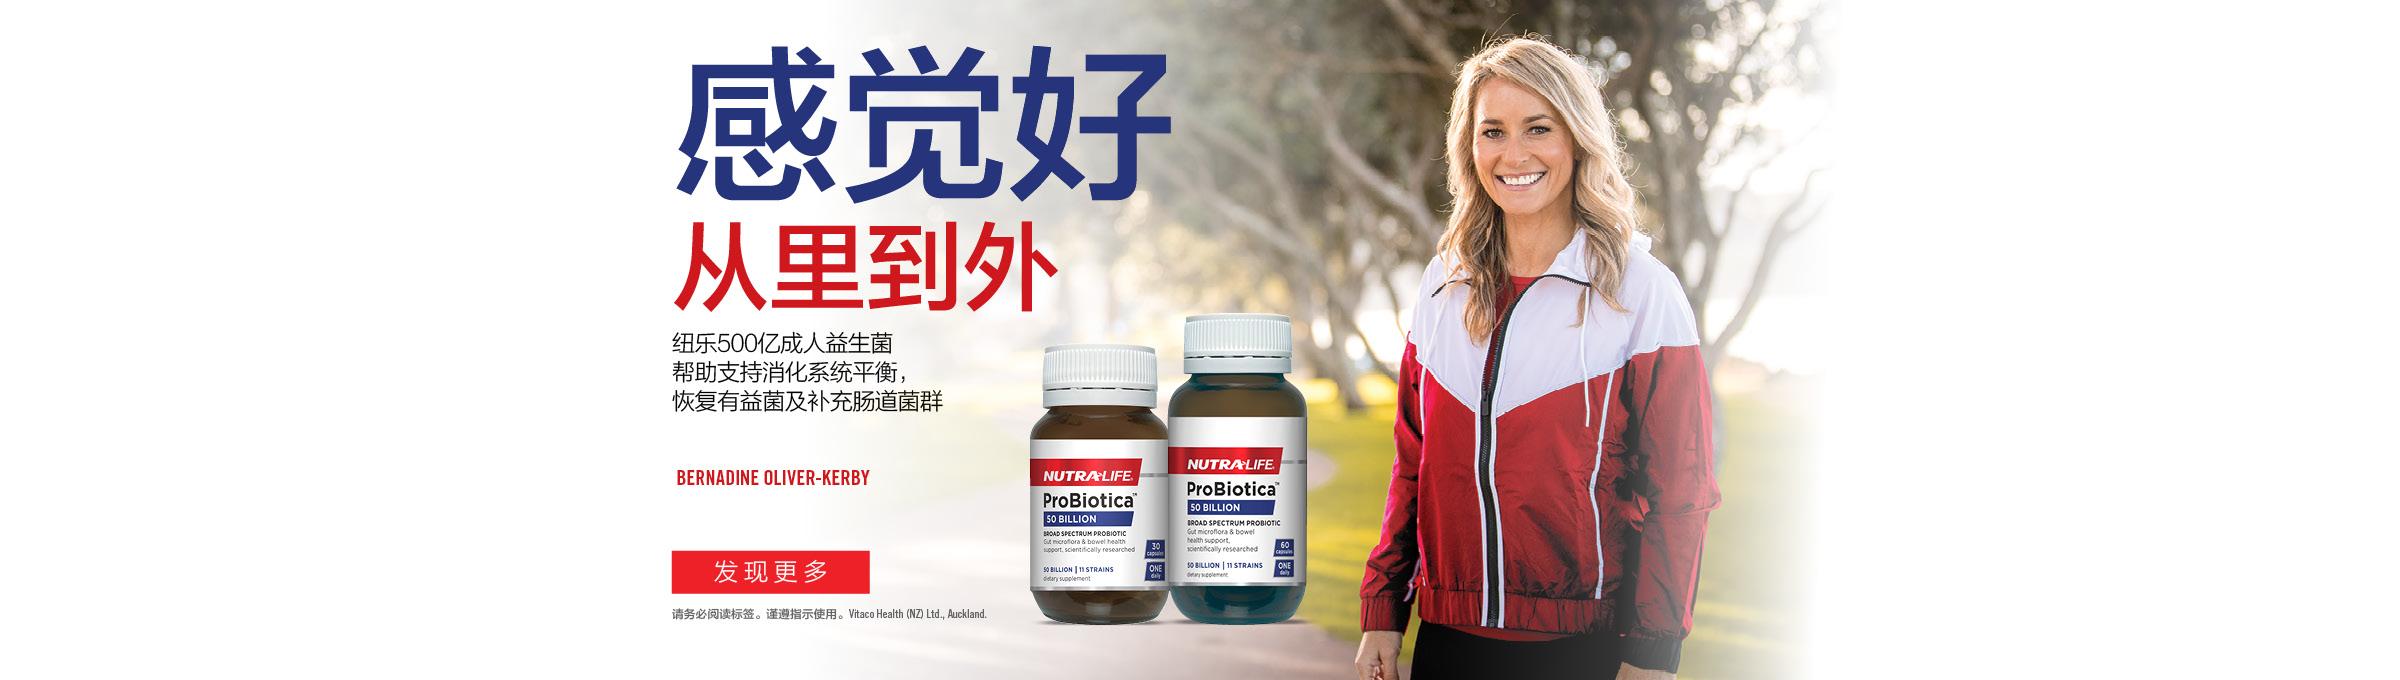 Probiotica 50 Billion CHN